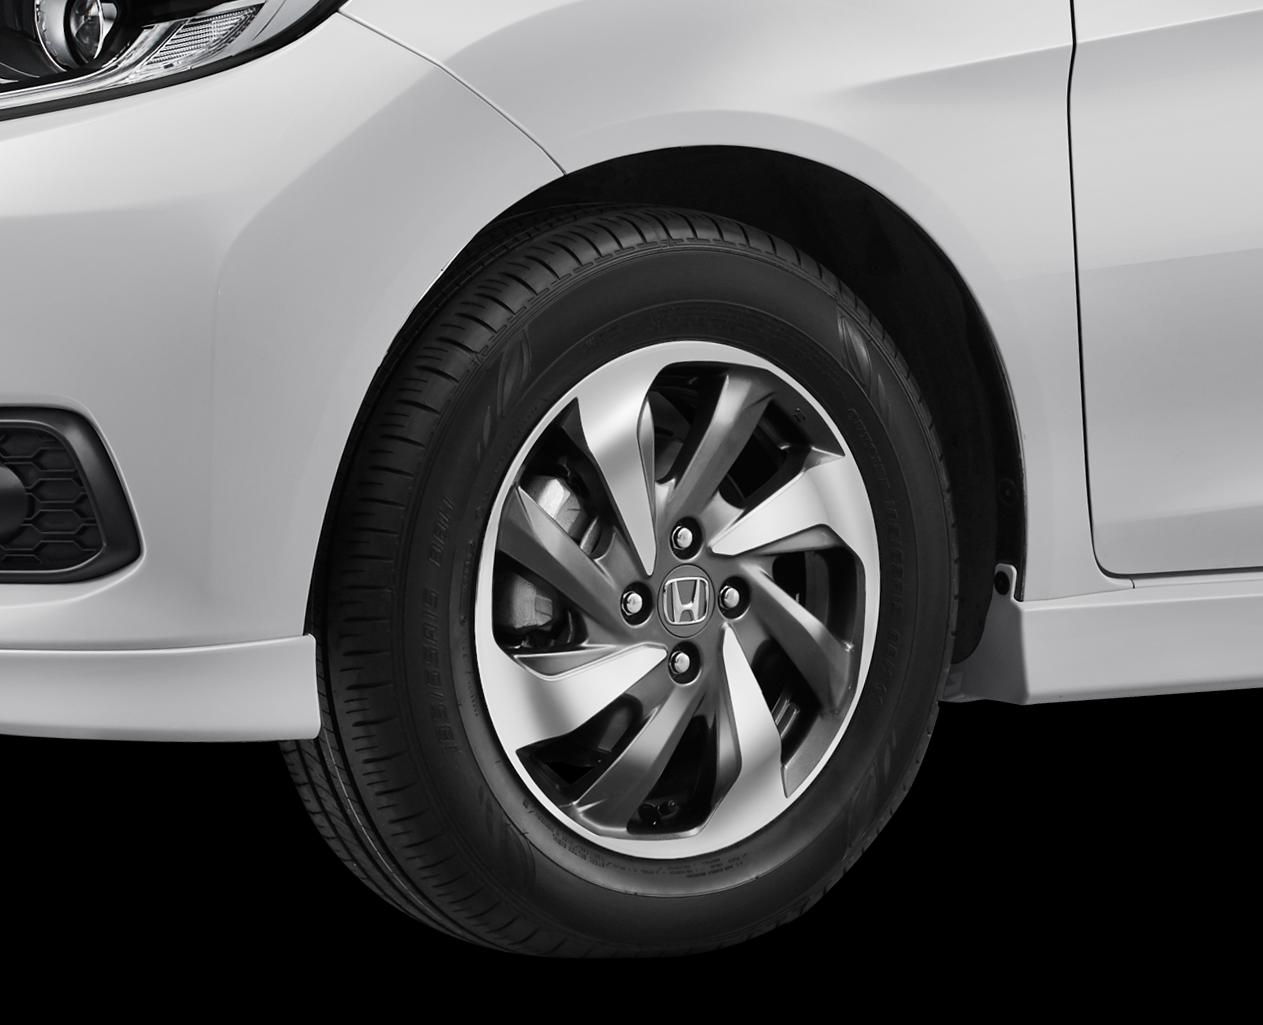 New-1522-Alloy-Wheel-Design-Tipe-E